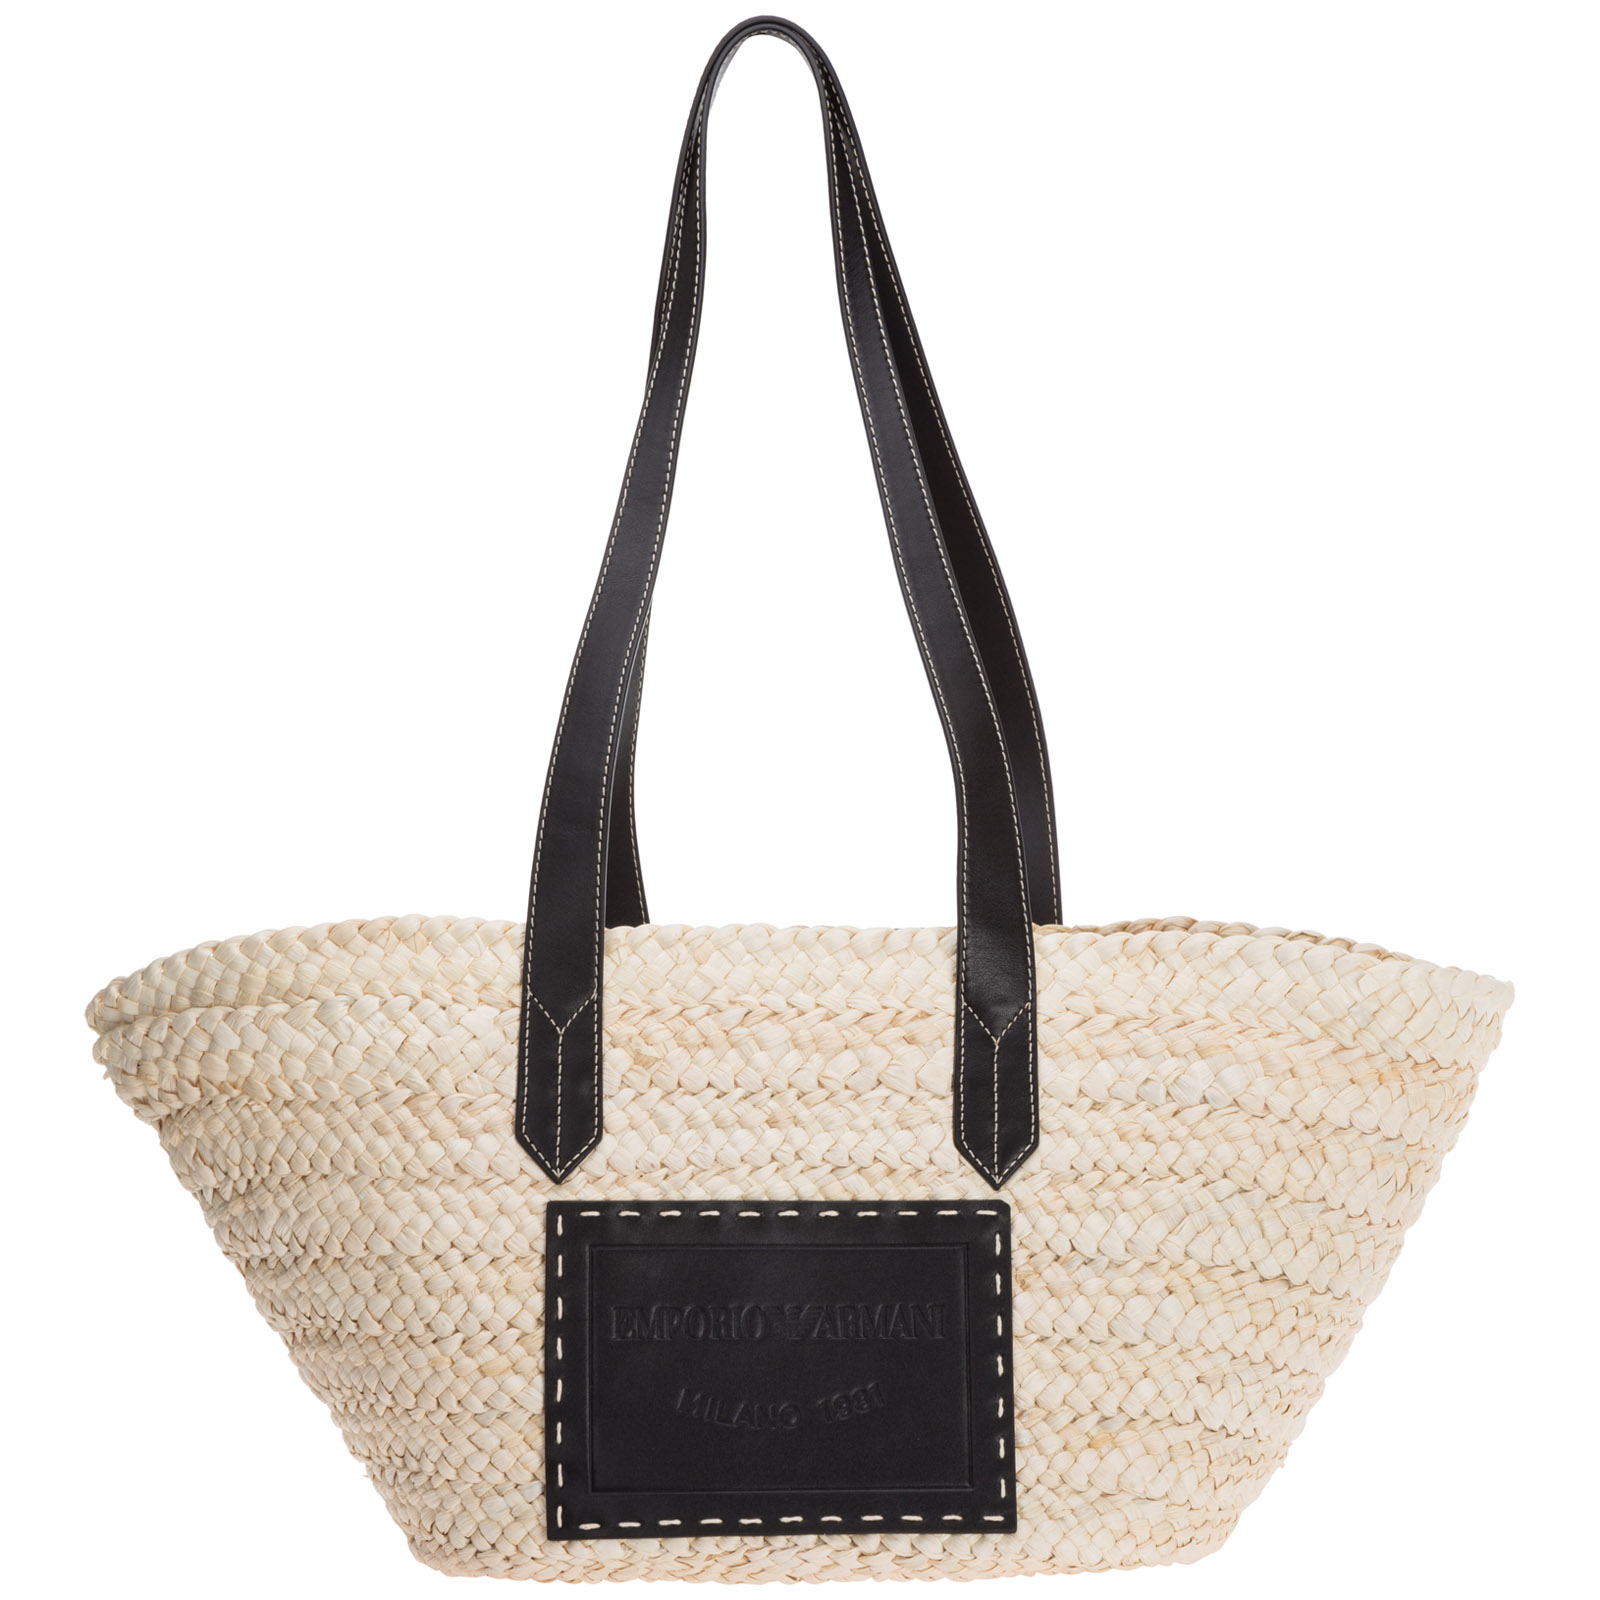 Emporio Armani WOMEN'S SHOULDER BAG